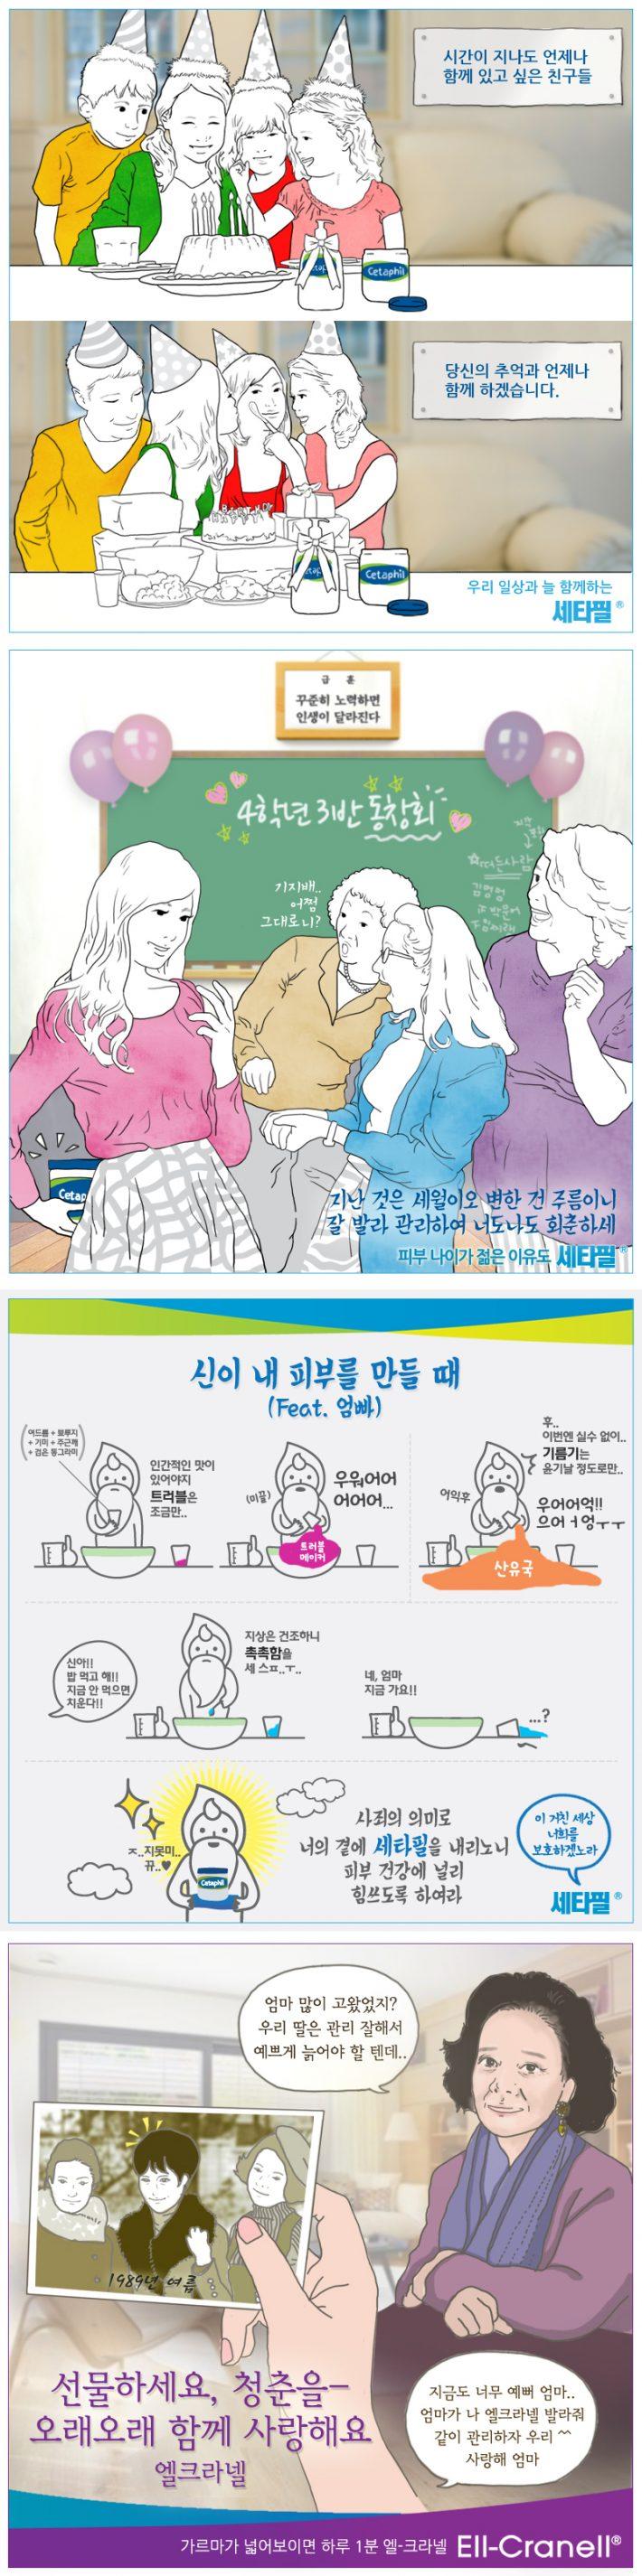 GALDERMA KOREA SNS Contents